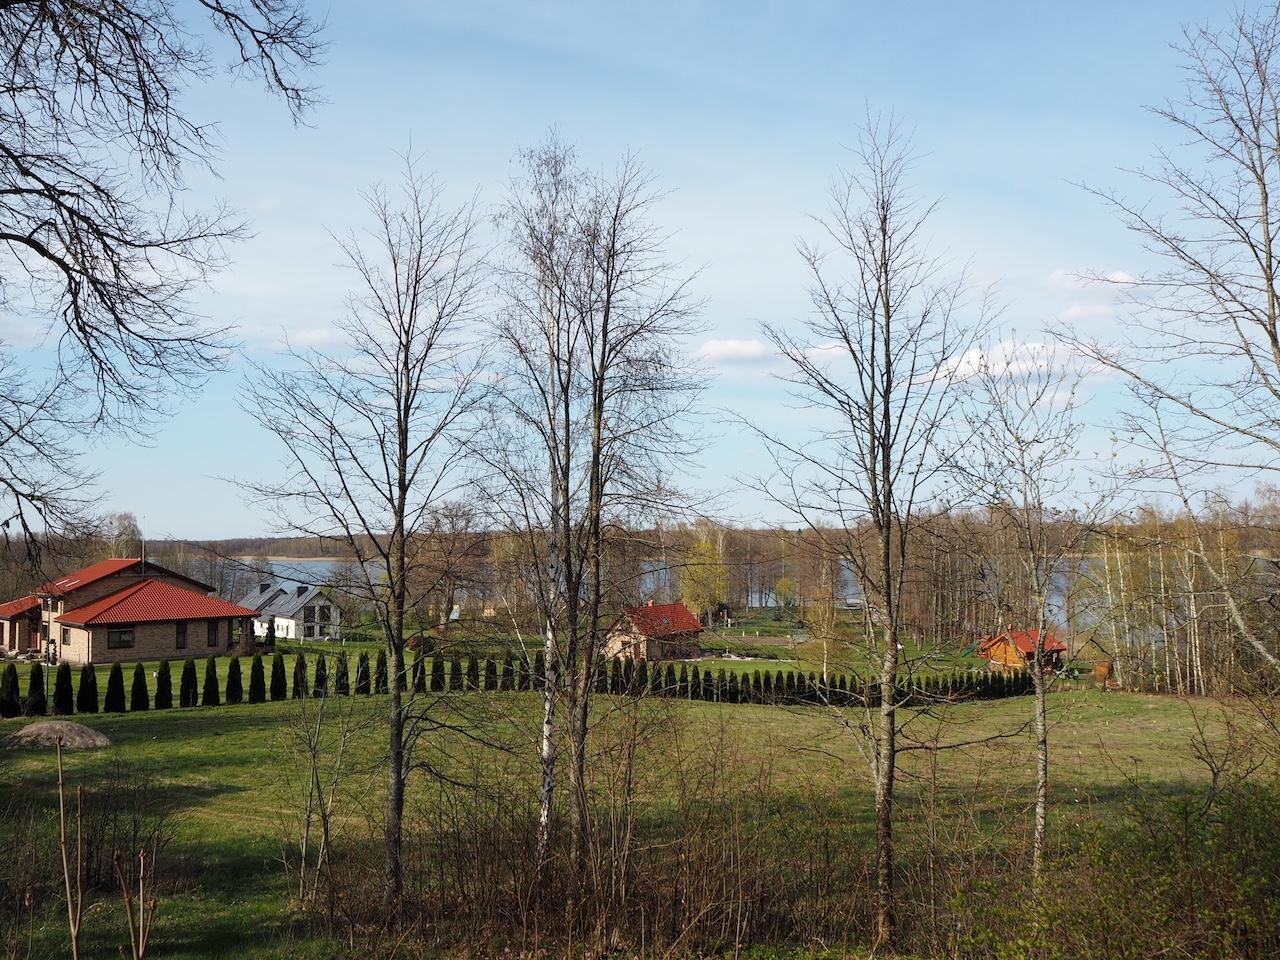 Vaizdas nuo Bukaučiškių koplyčios į ežerą